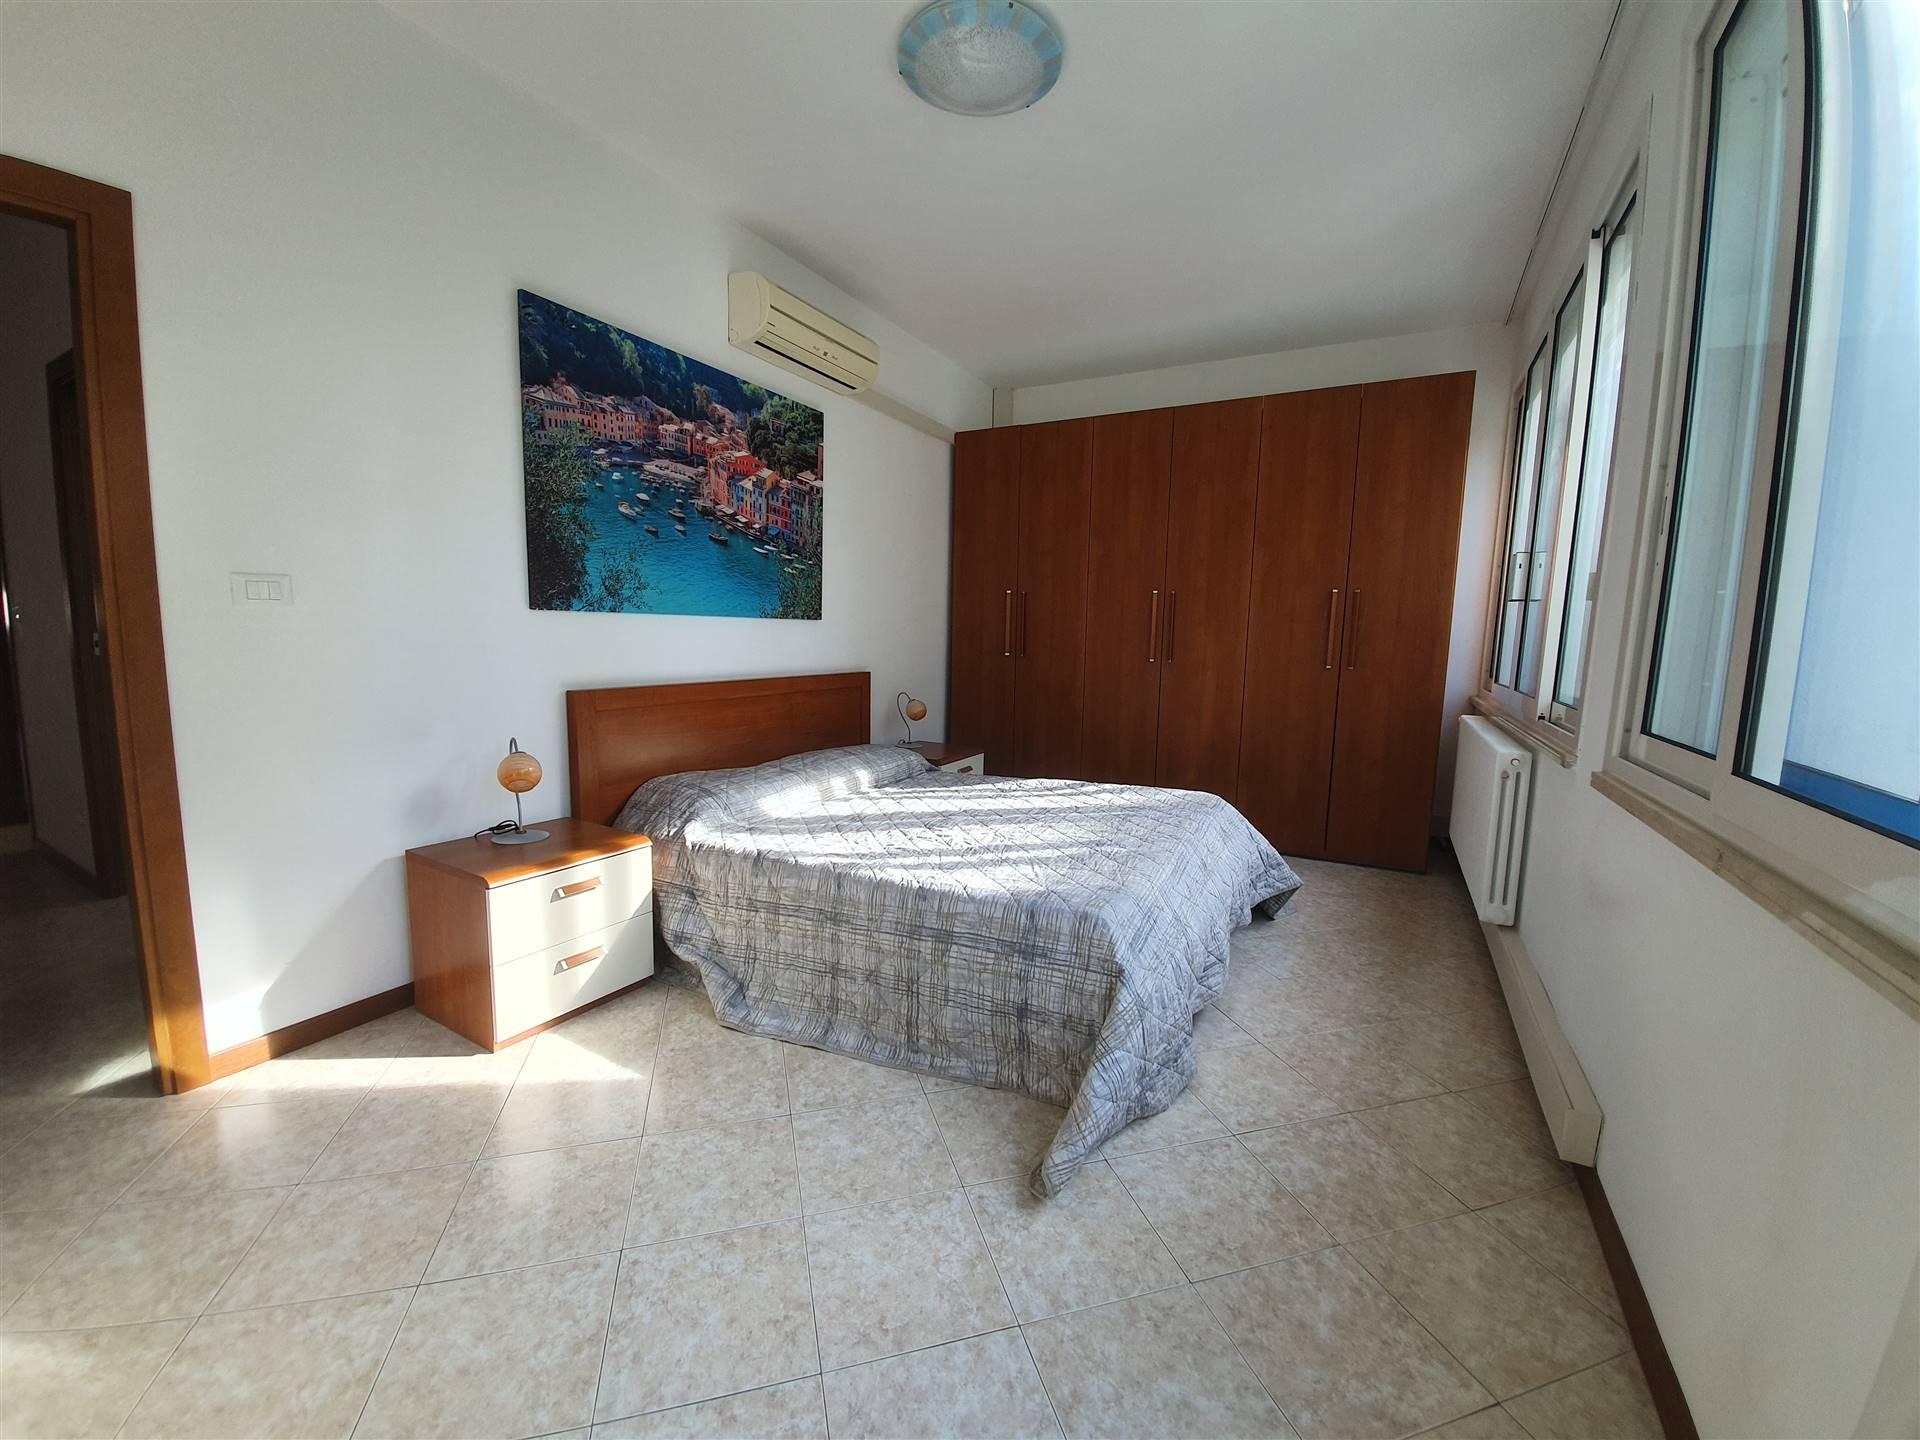 JESOLO Appartamento 2 camere  piano primo Foto 8